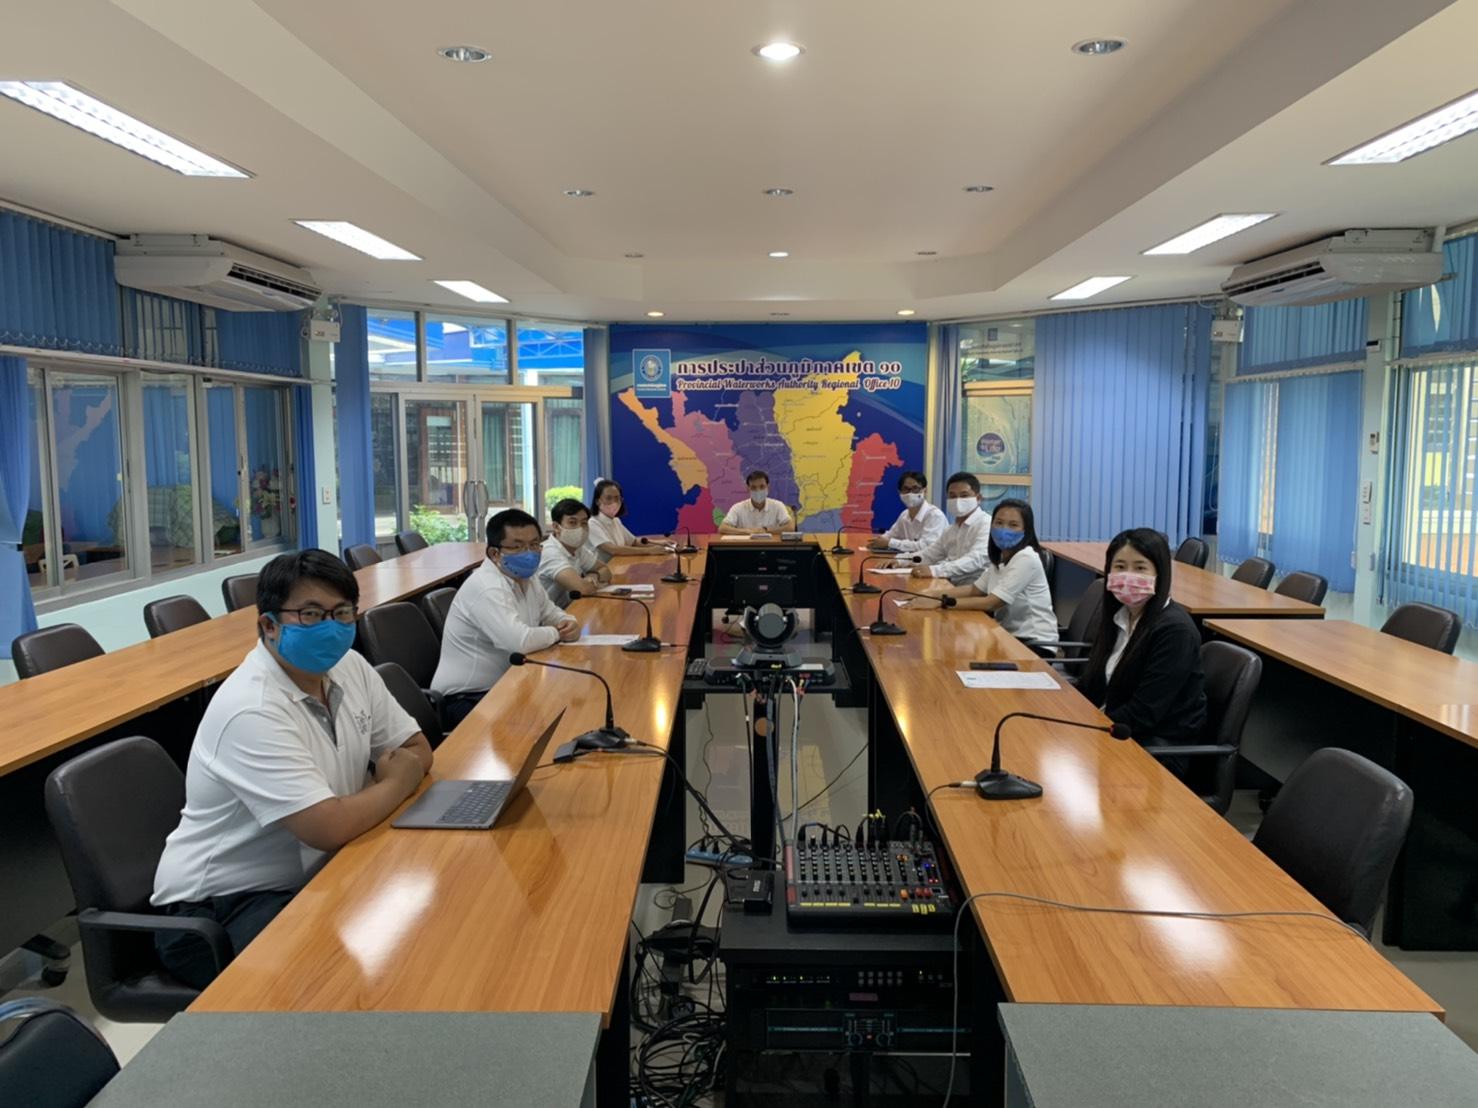 กองเทคโนโลยีสารสนเทศ กปภ.ข.10 จัดกิจกรรม Morning Talk ประจำเดือนมิถุนายน 2563